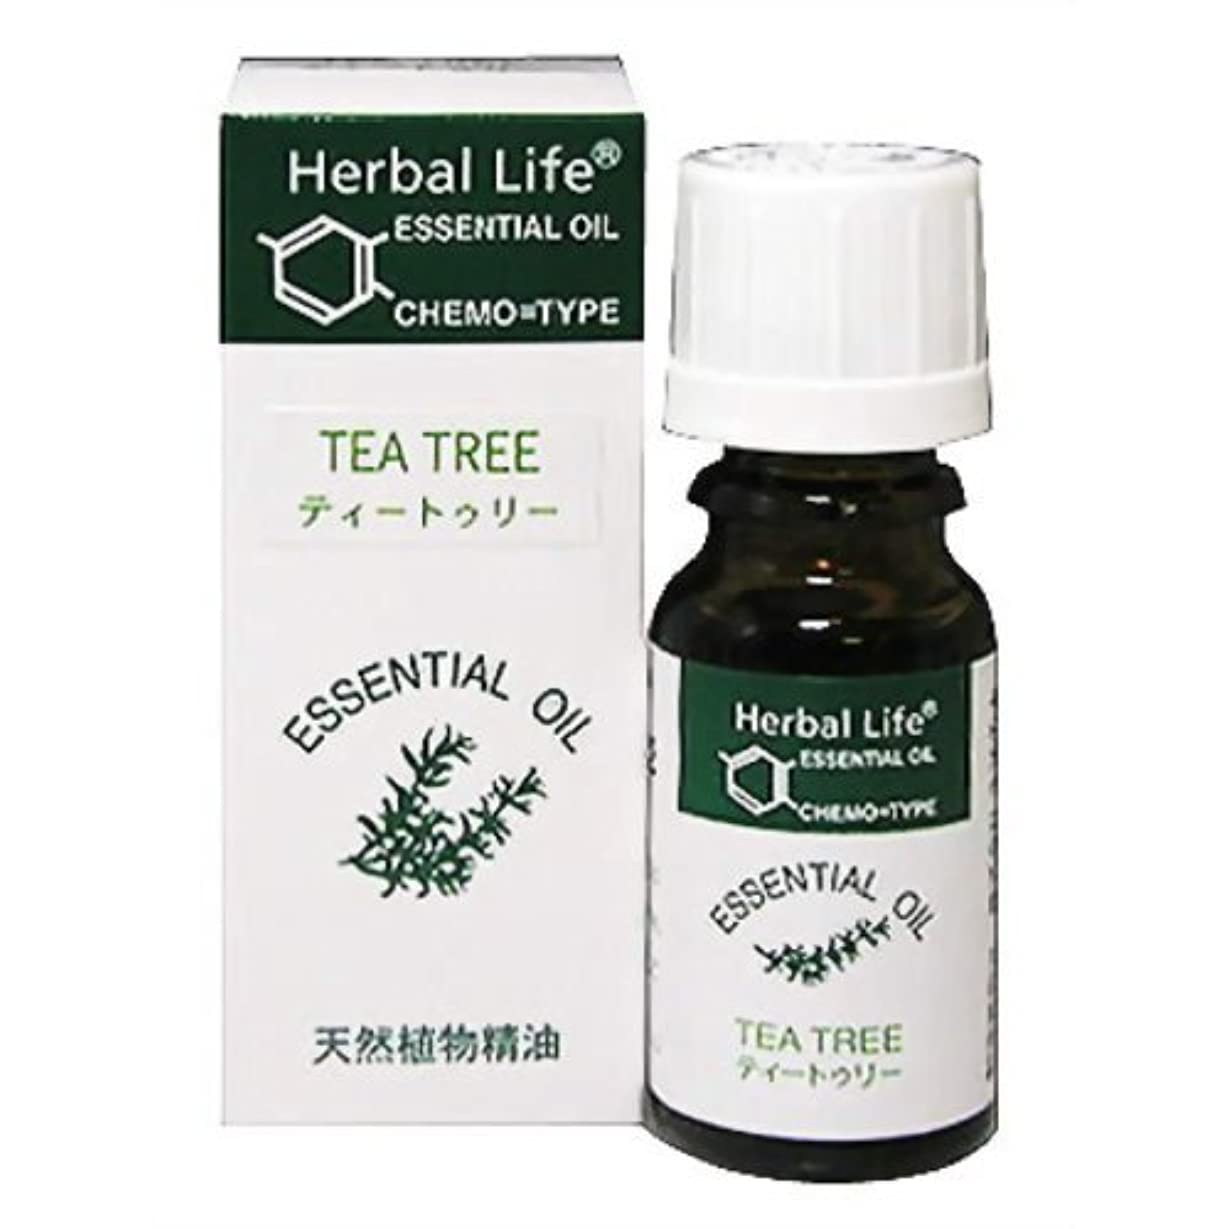 予見する改修する同級生Herbal Life ティートゥリー 10ml